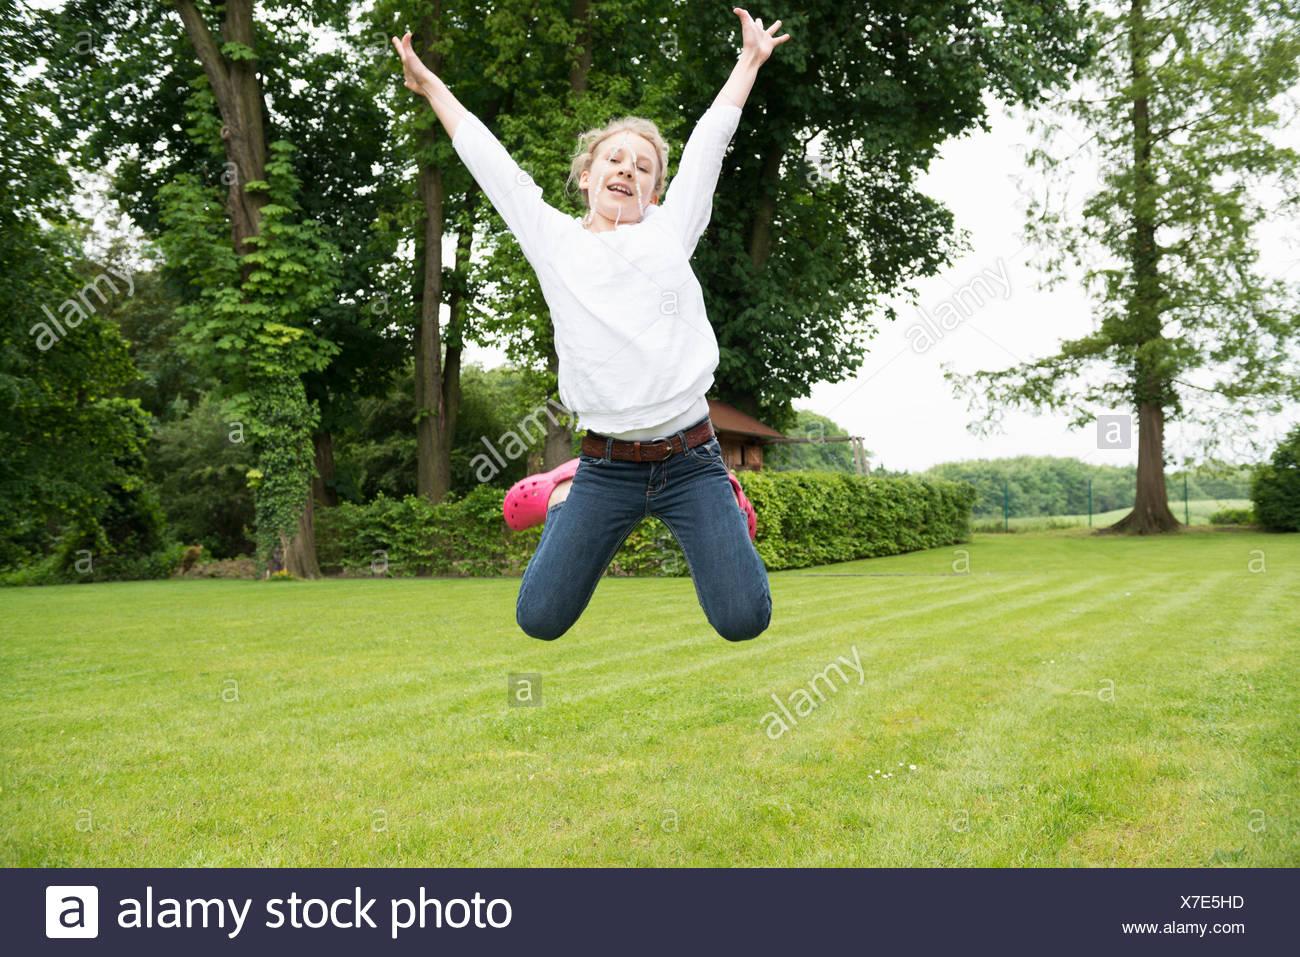 Girl jumping in garden - Stock Image